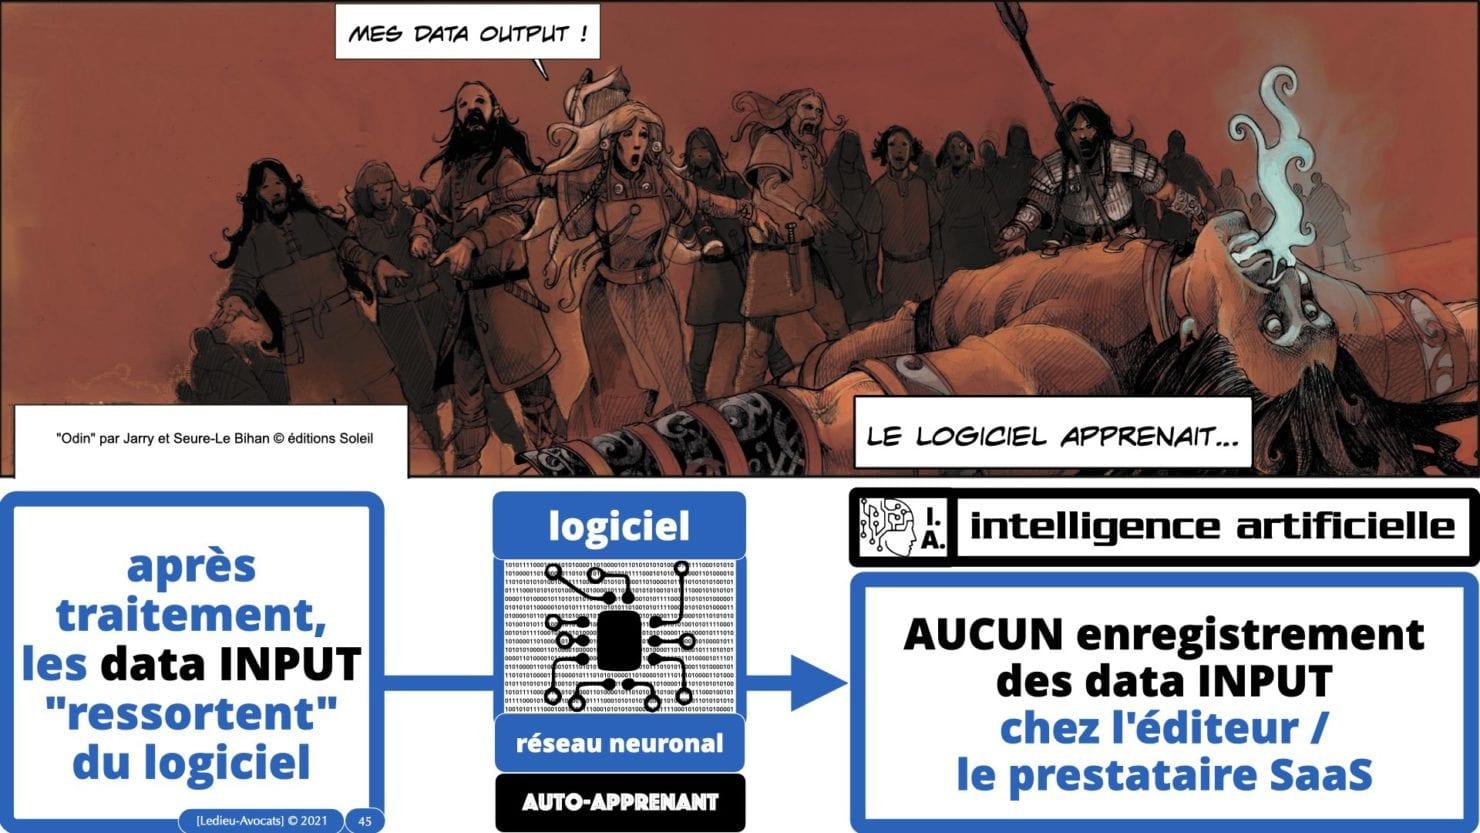 335 Intelligence Artificielle 2021 et AI Act [projet de Règlement UE] deep learning machine learning © Ledieu-Avocats 04-06-2021 *16:9*.045